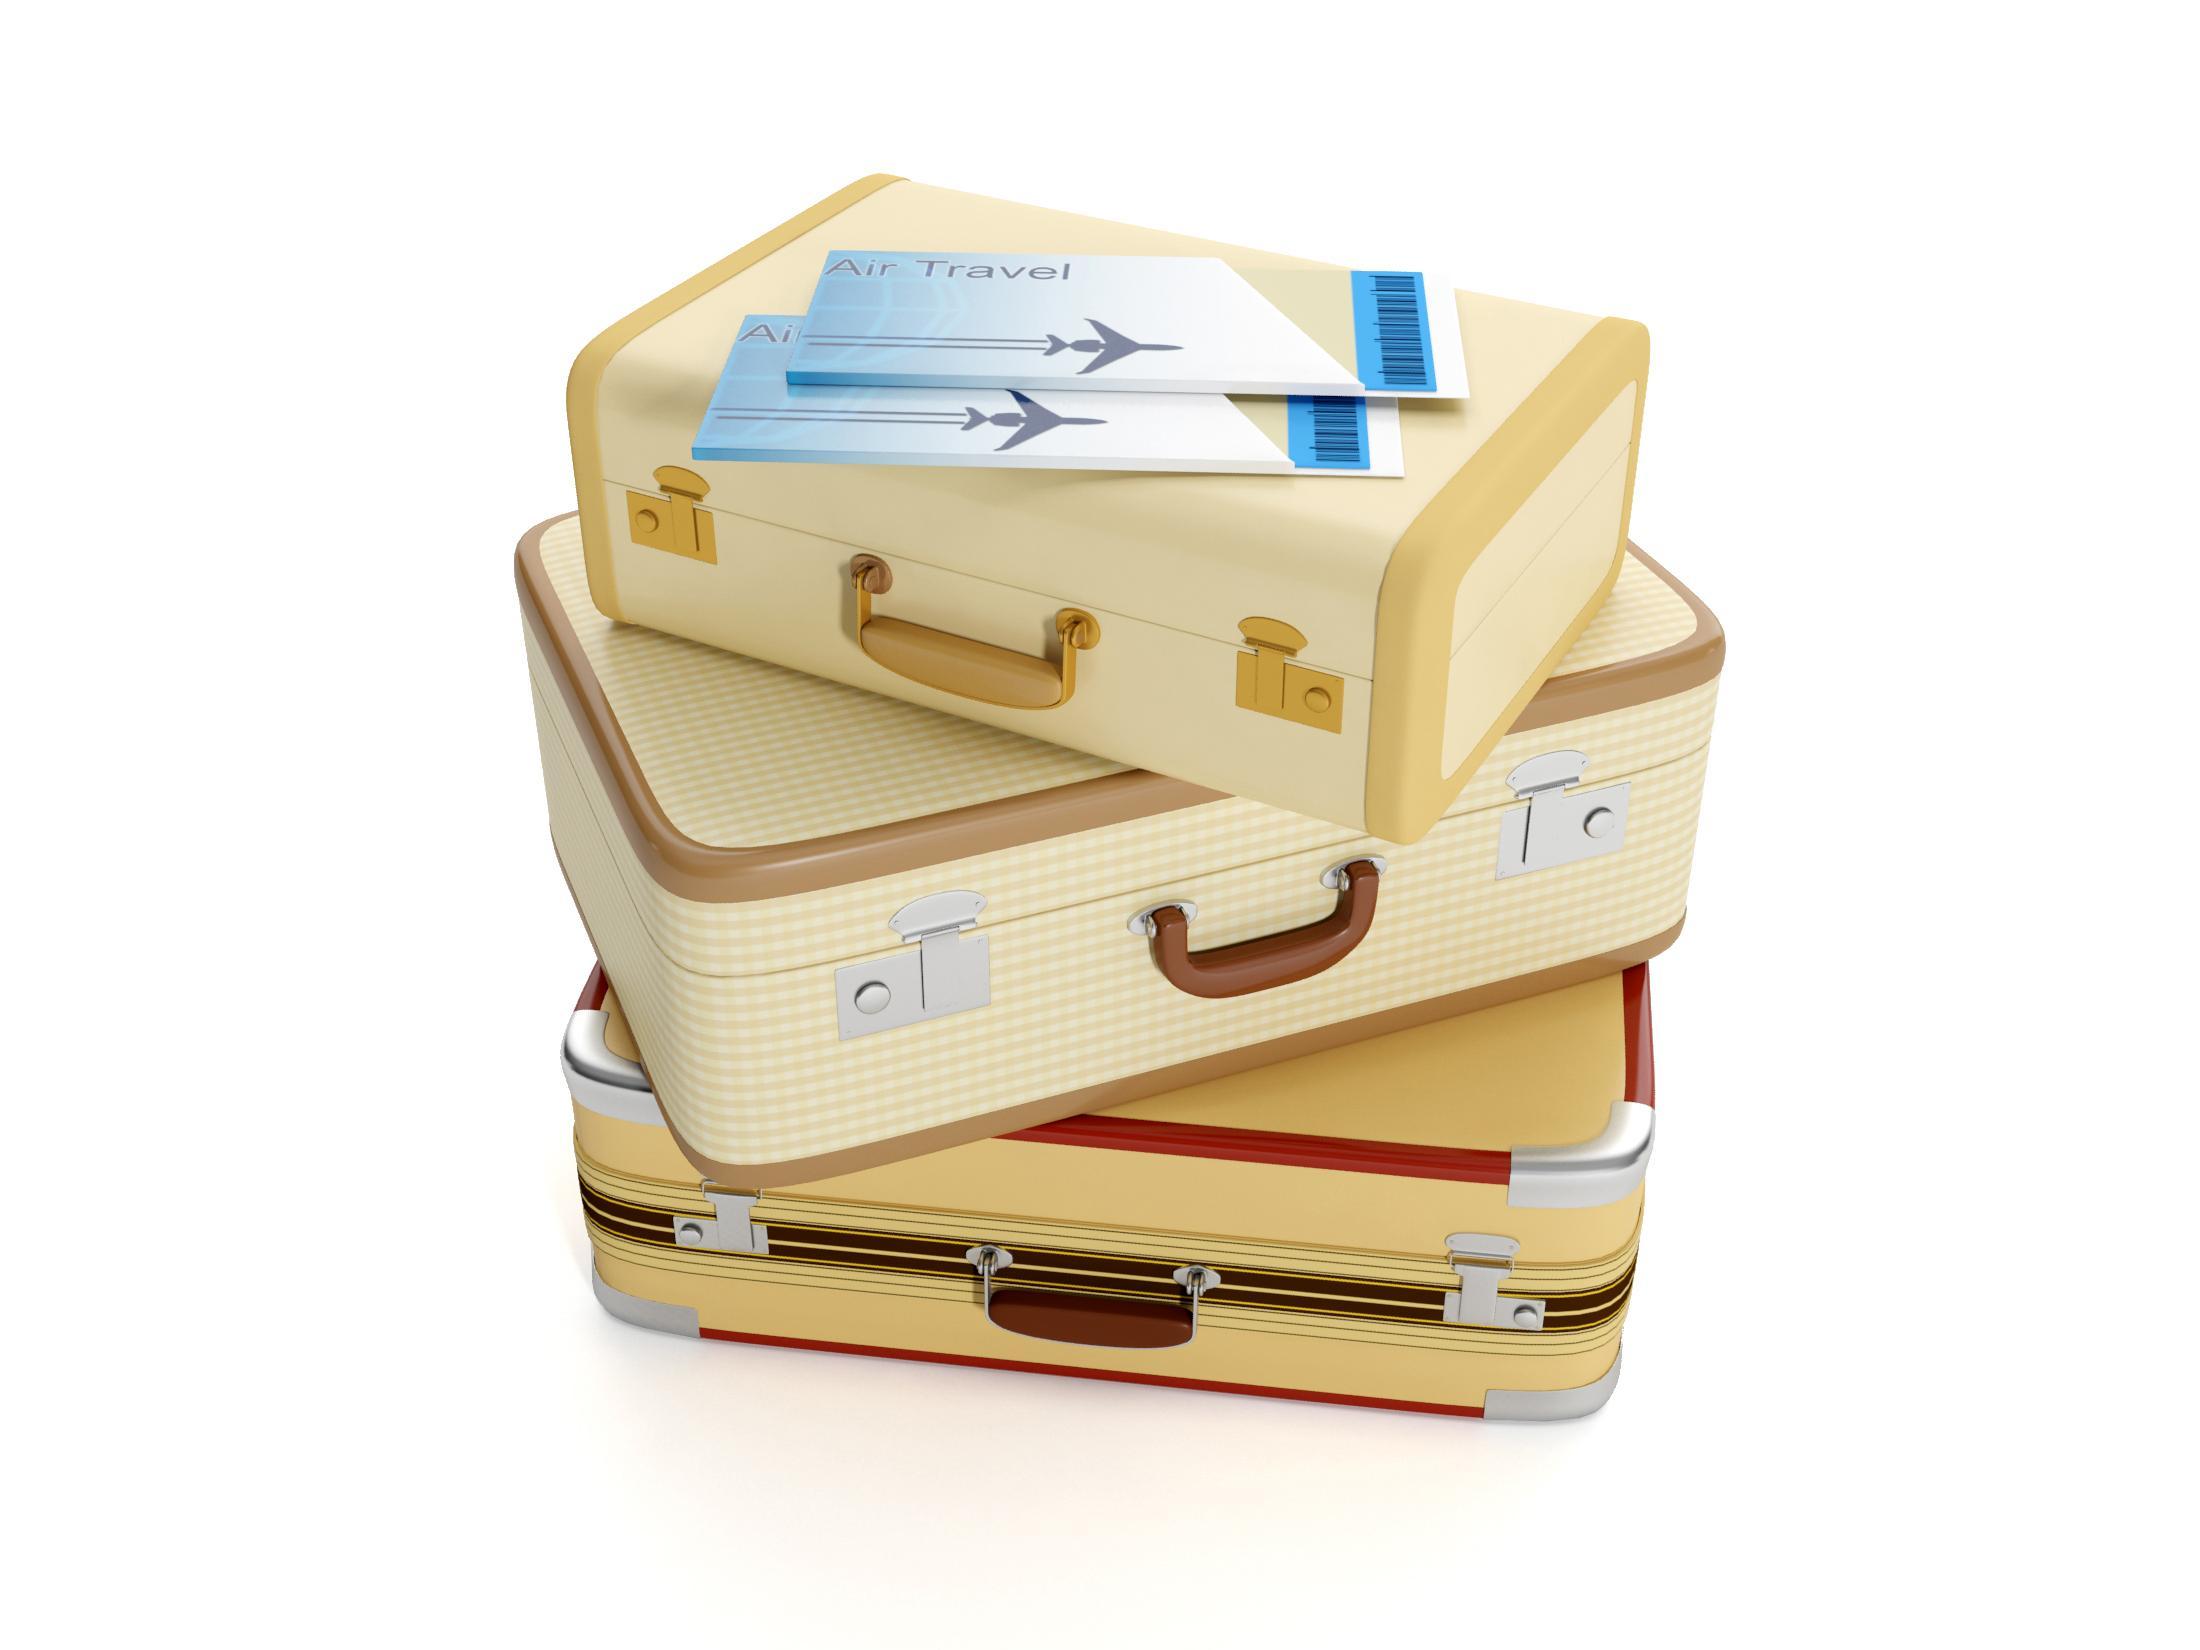 Novas regras para aviação completam um mês; cobrança de bagagens continua suspensa